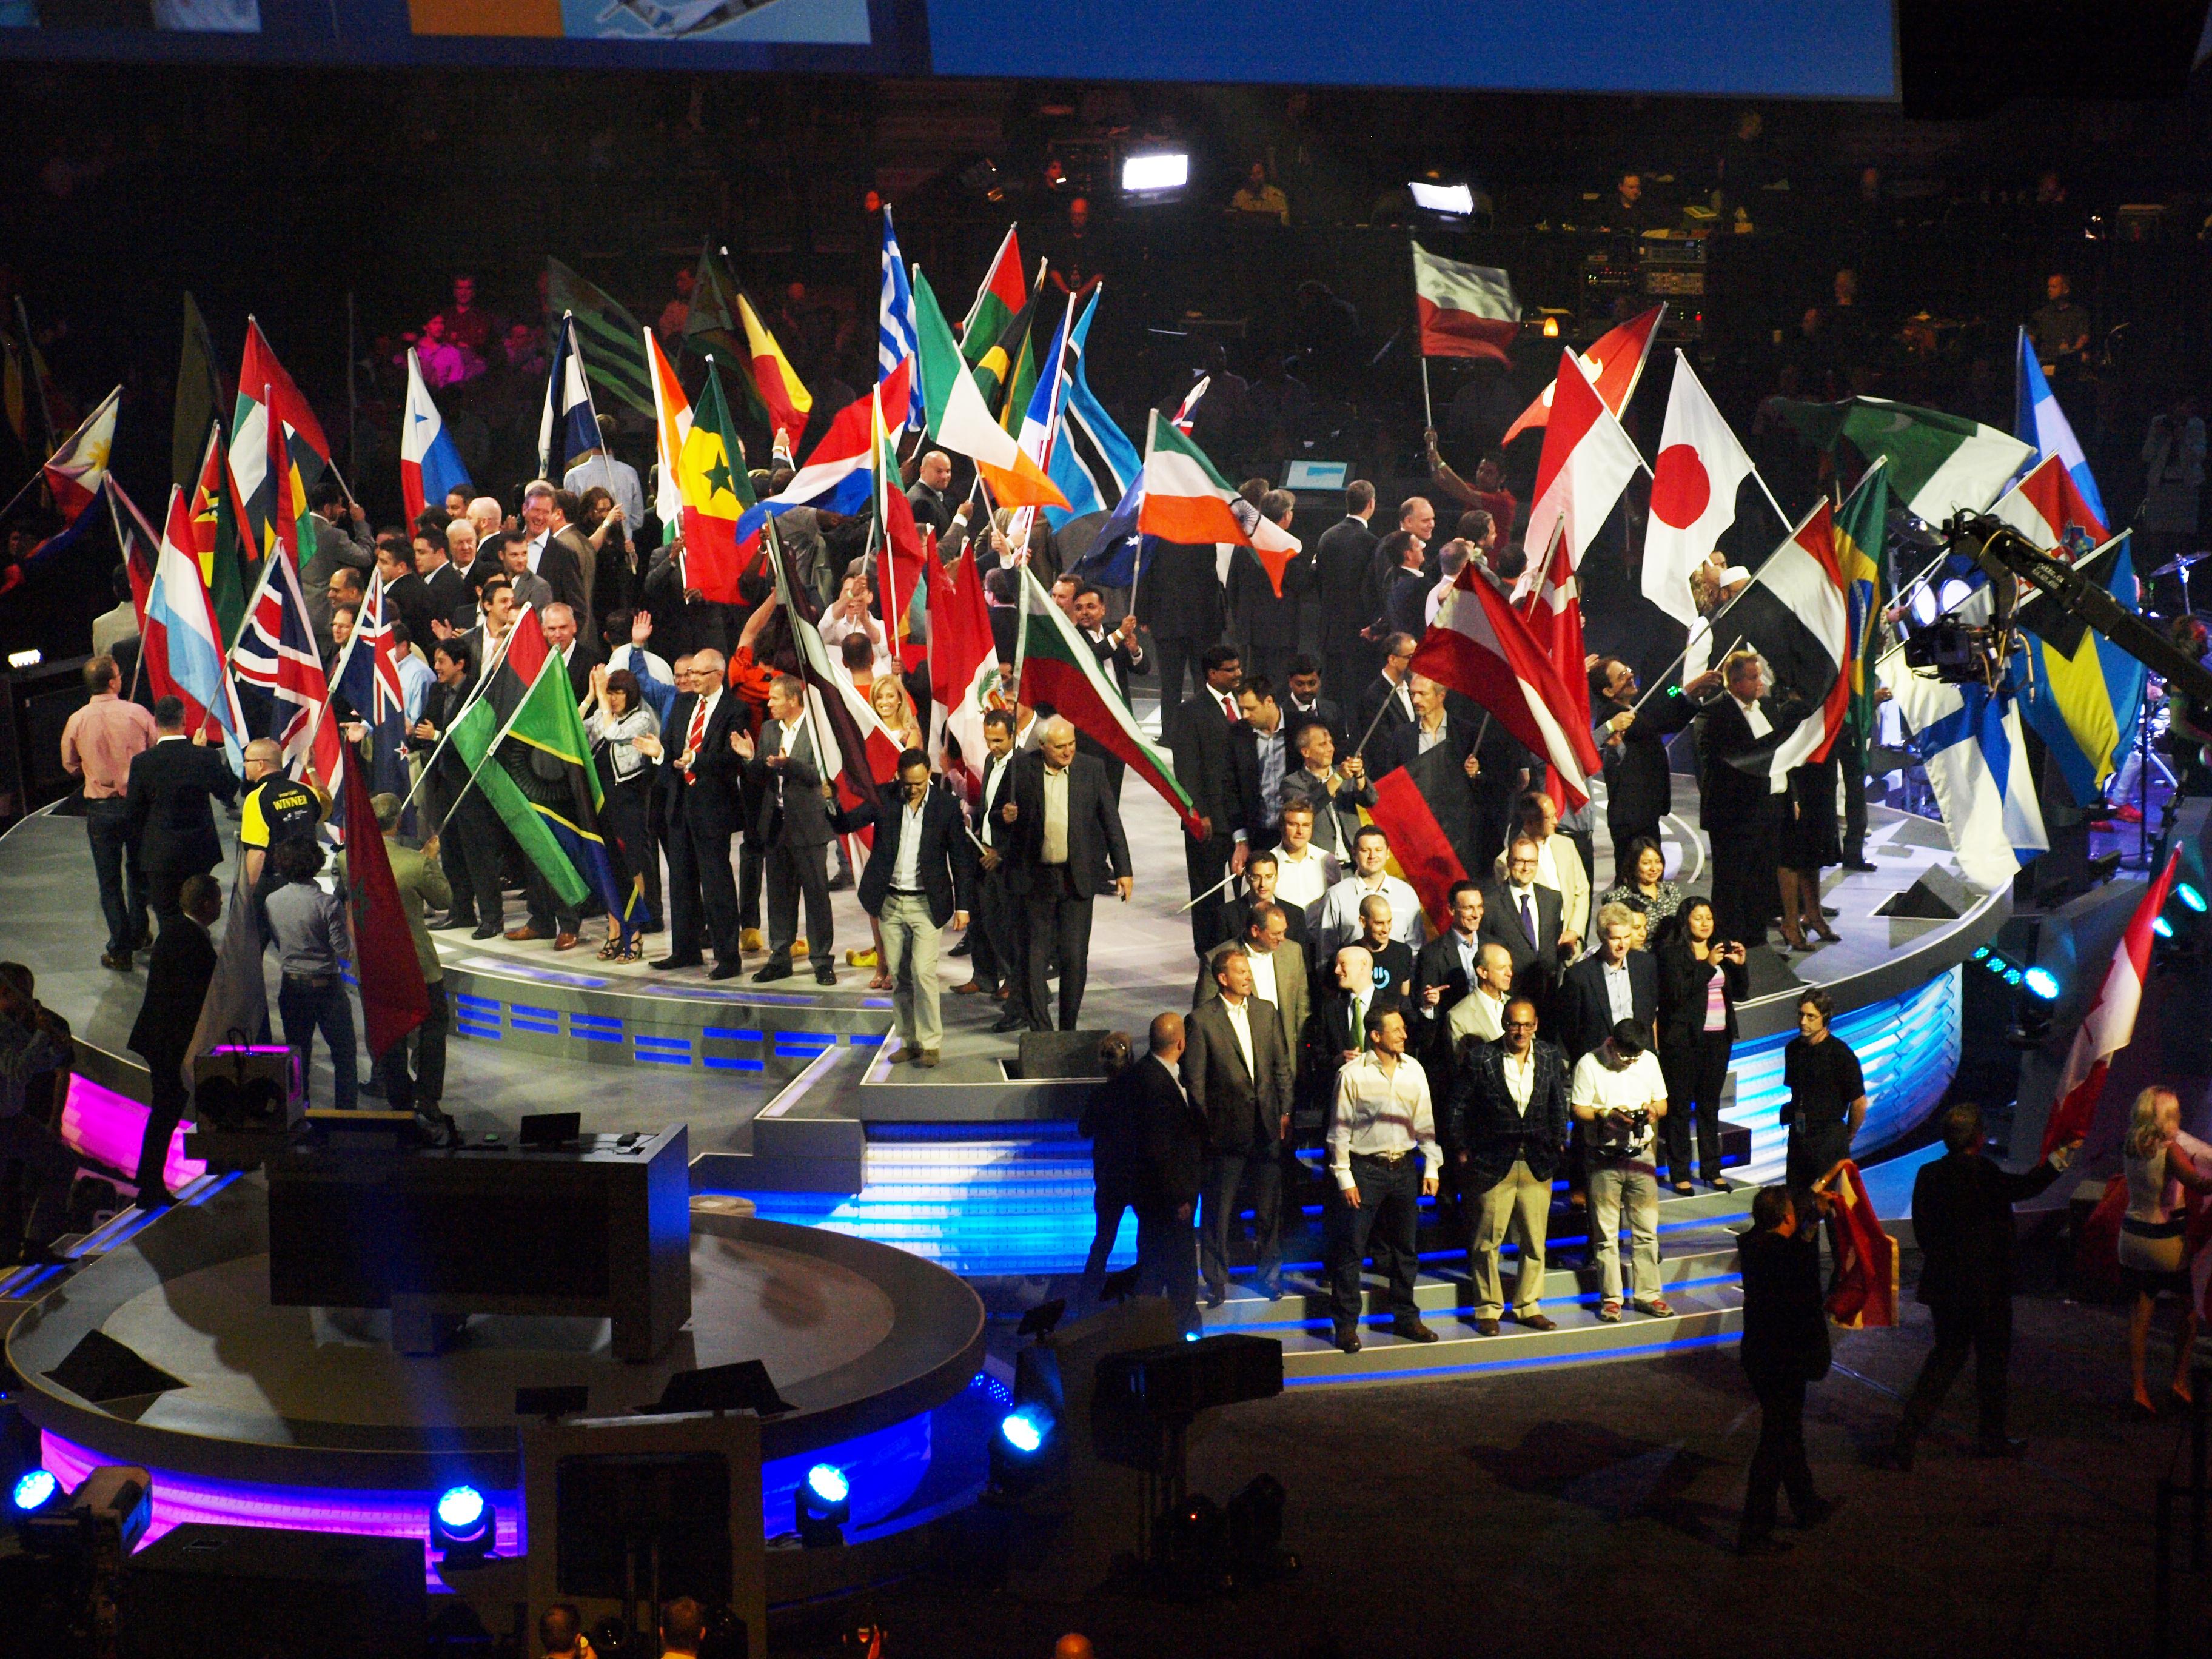 オープニング。パートナーアワード受賞企業が各国の旗をもって壇上に。日本の受賞パートナーは大塚商会